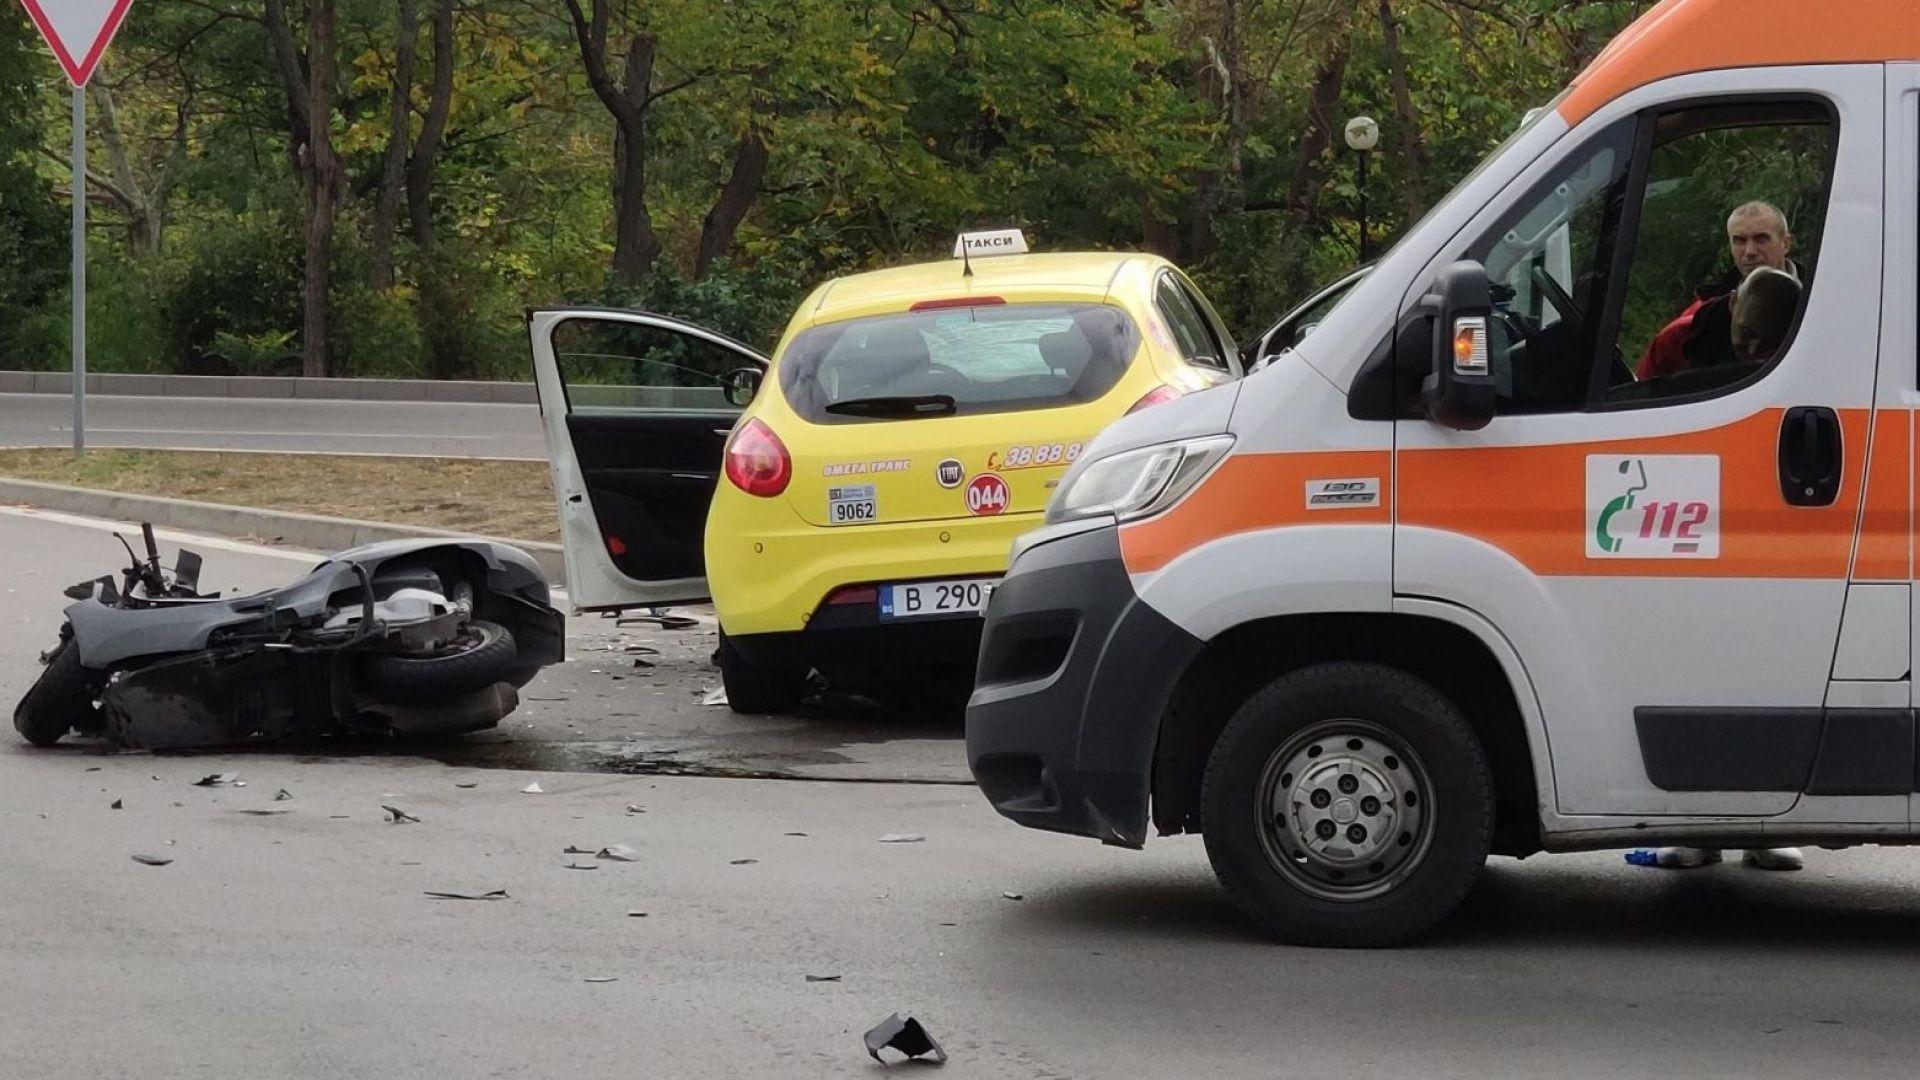 Мотопедист е загинал тази сутрин при катастрофа във Варна, съобщиха